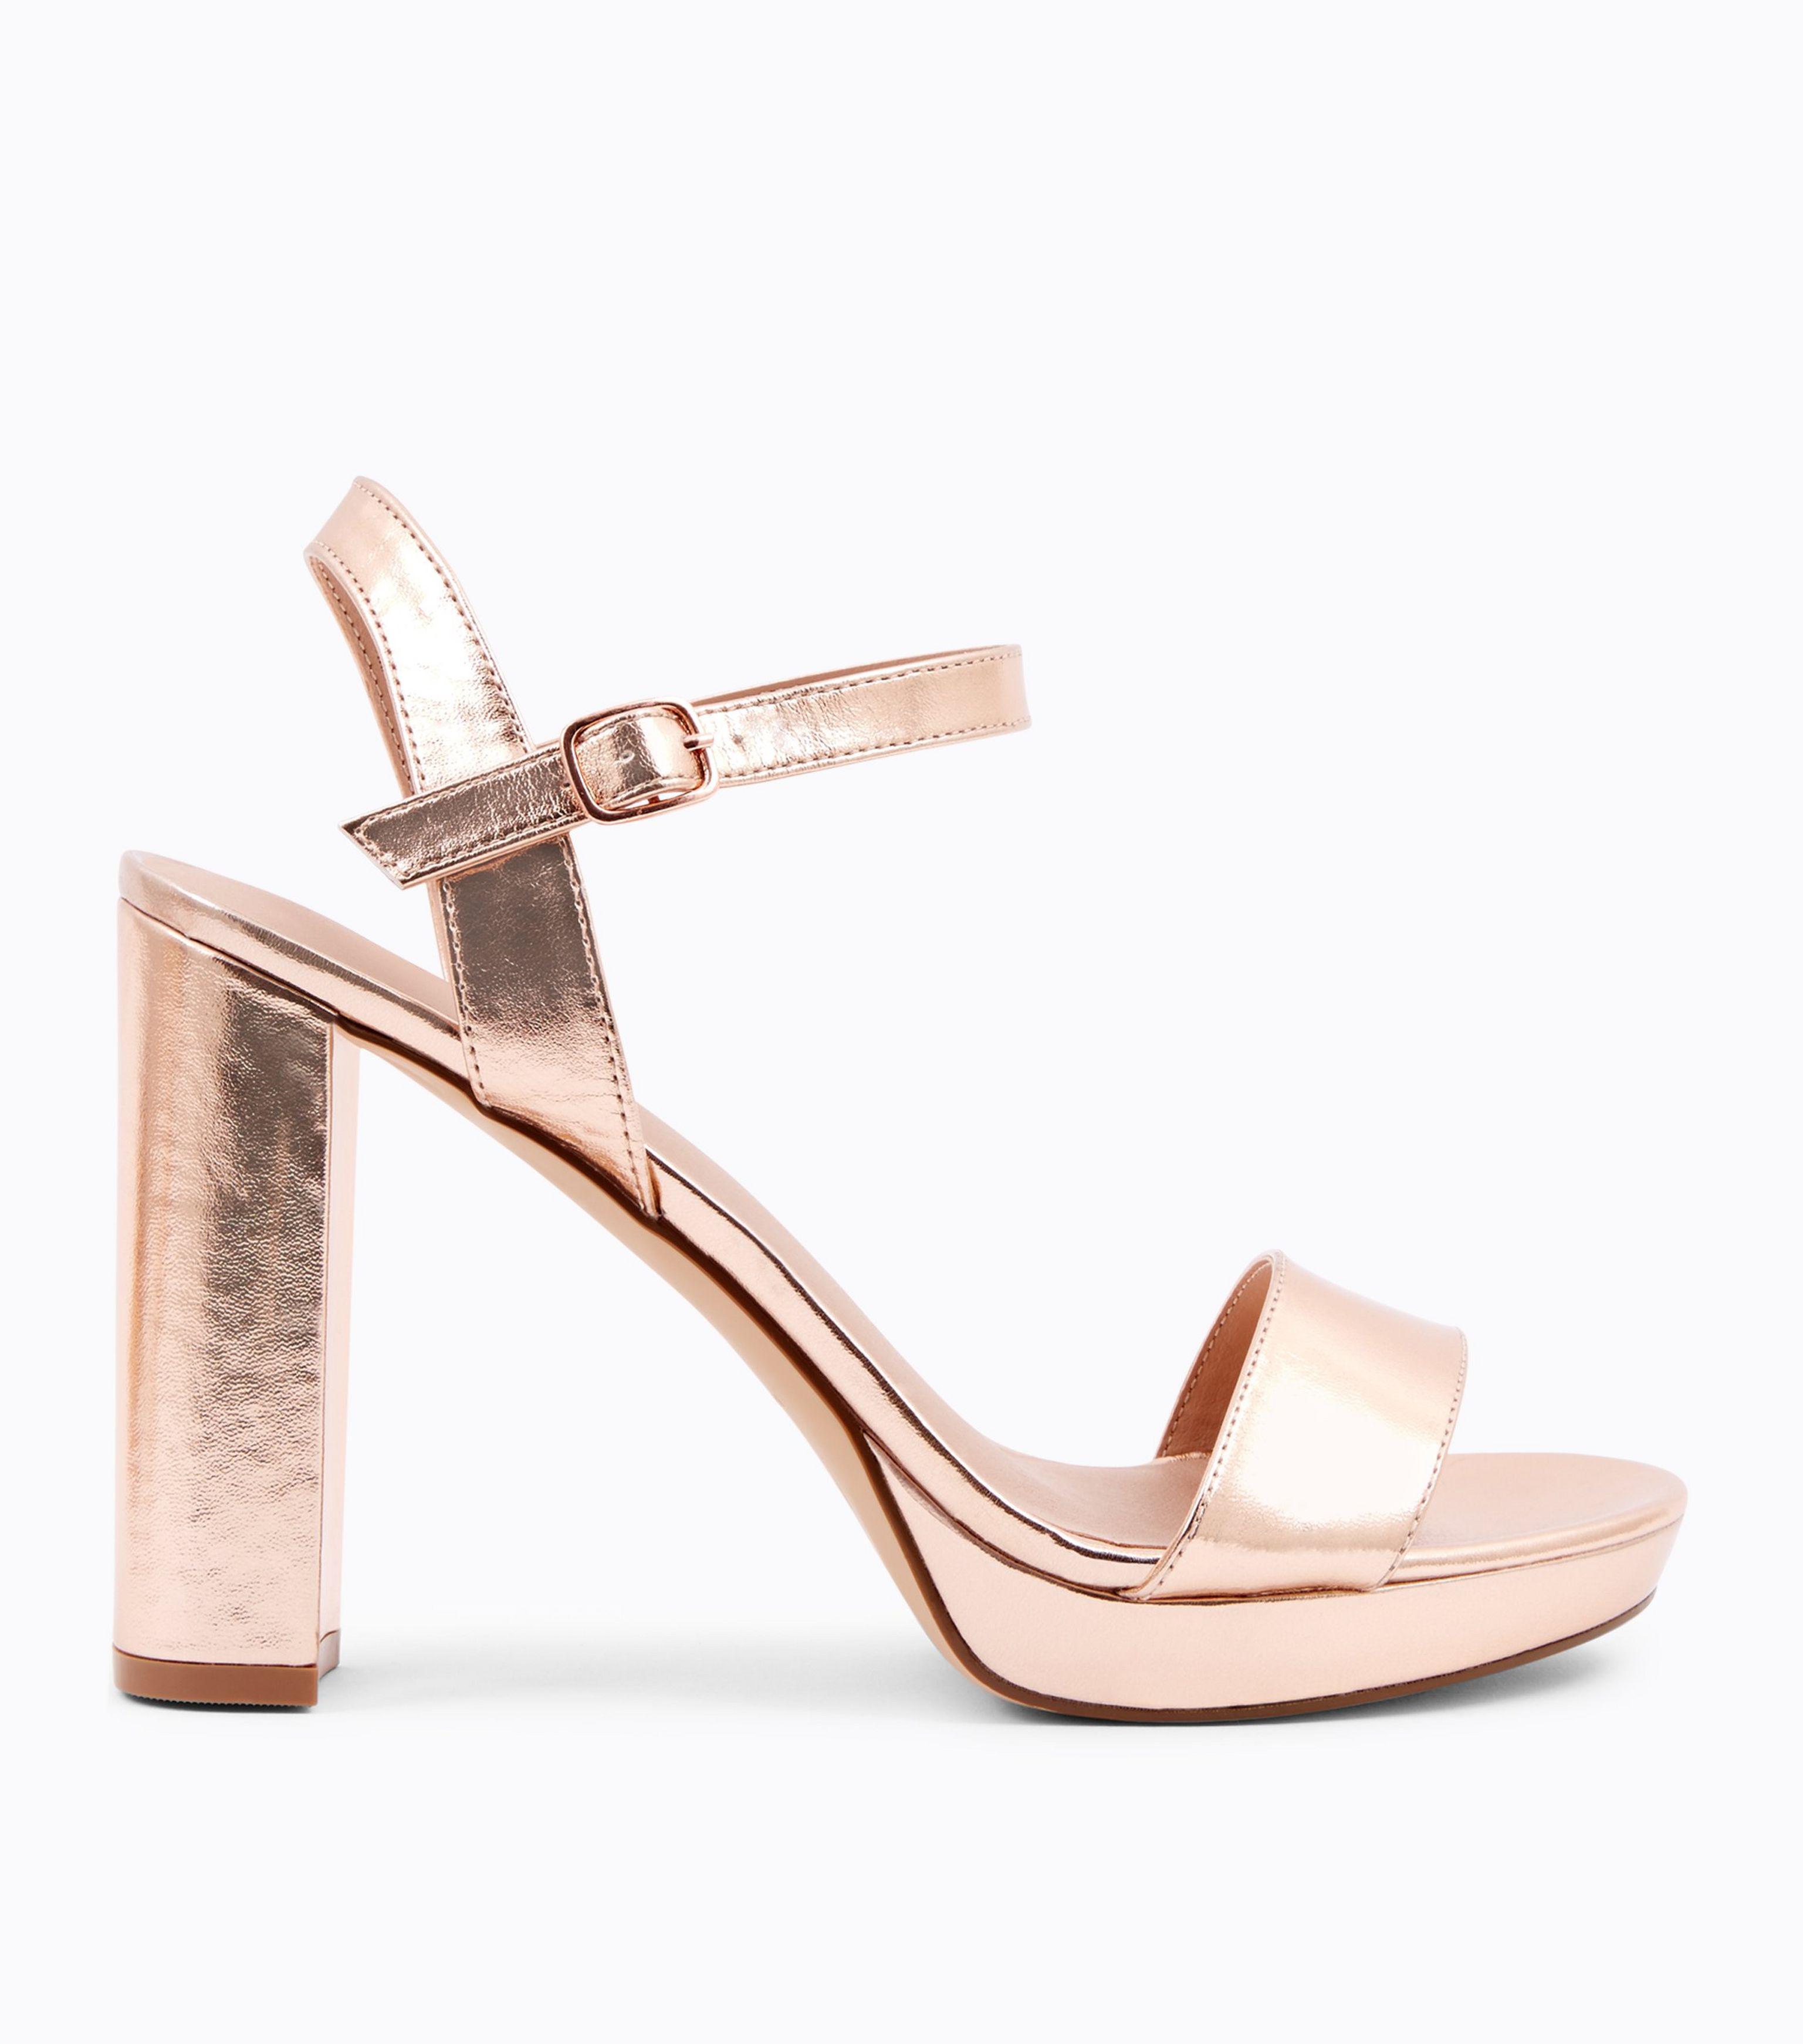 6b4c721de226 New Look Rose Gold Metallic Block Heel Platform Sandals in Pink - Lyst